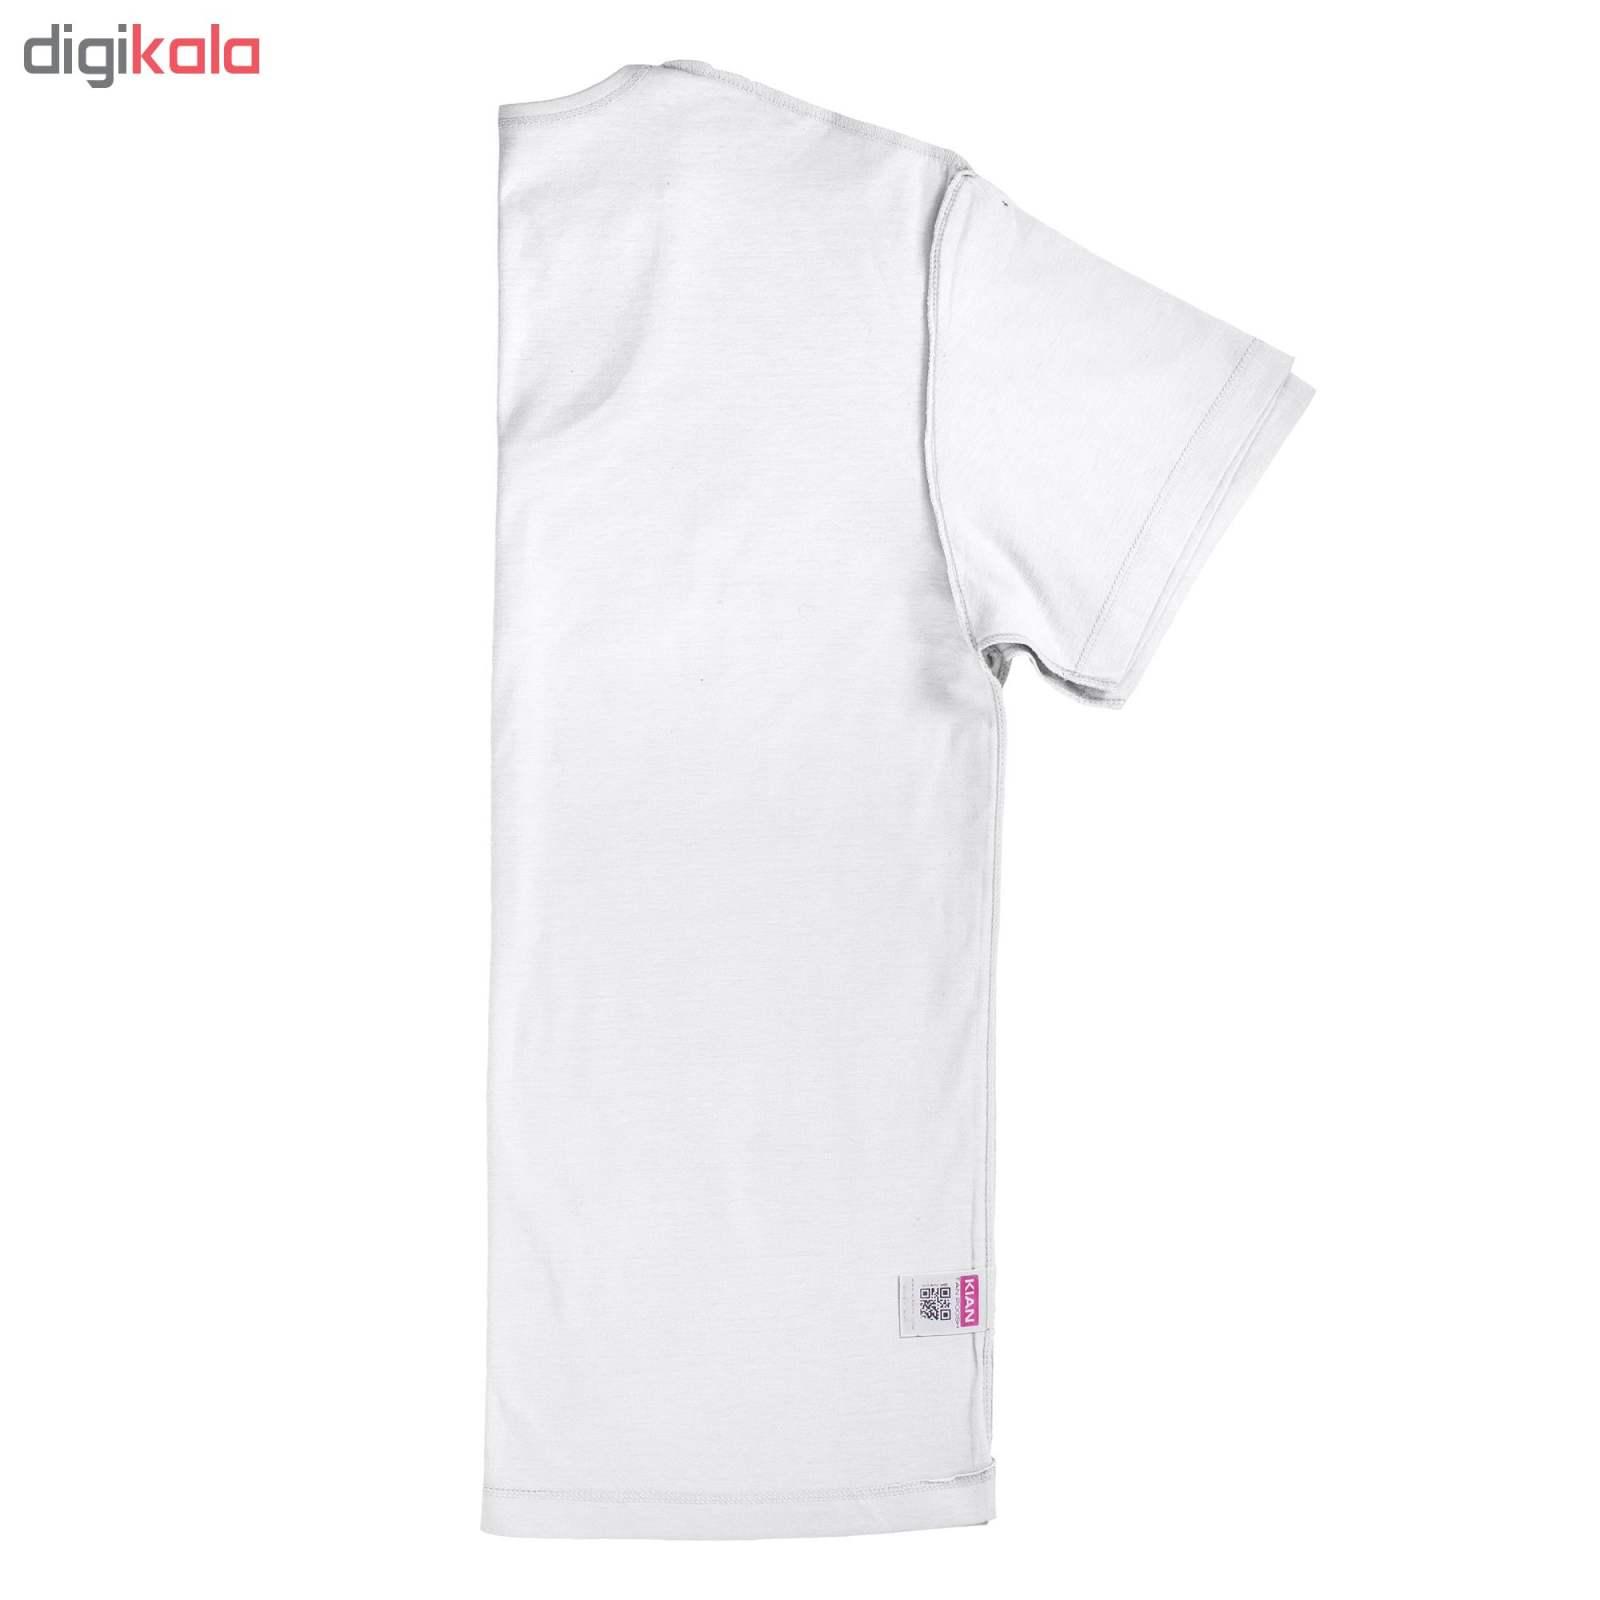 زیرپوش مردانه کیان تن پوش مدل U Neck Shirt Classic W مجموعه ۳ عددی main 1 2